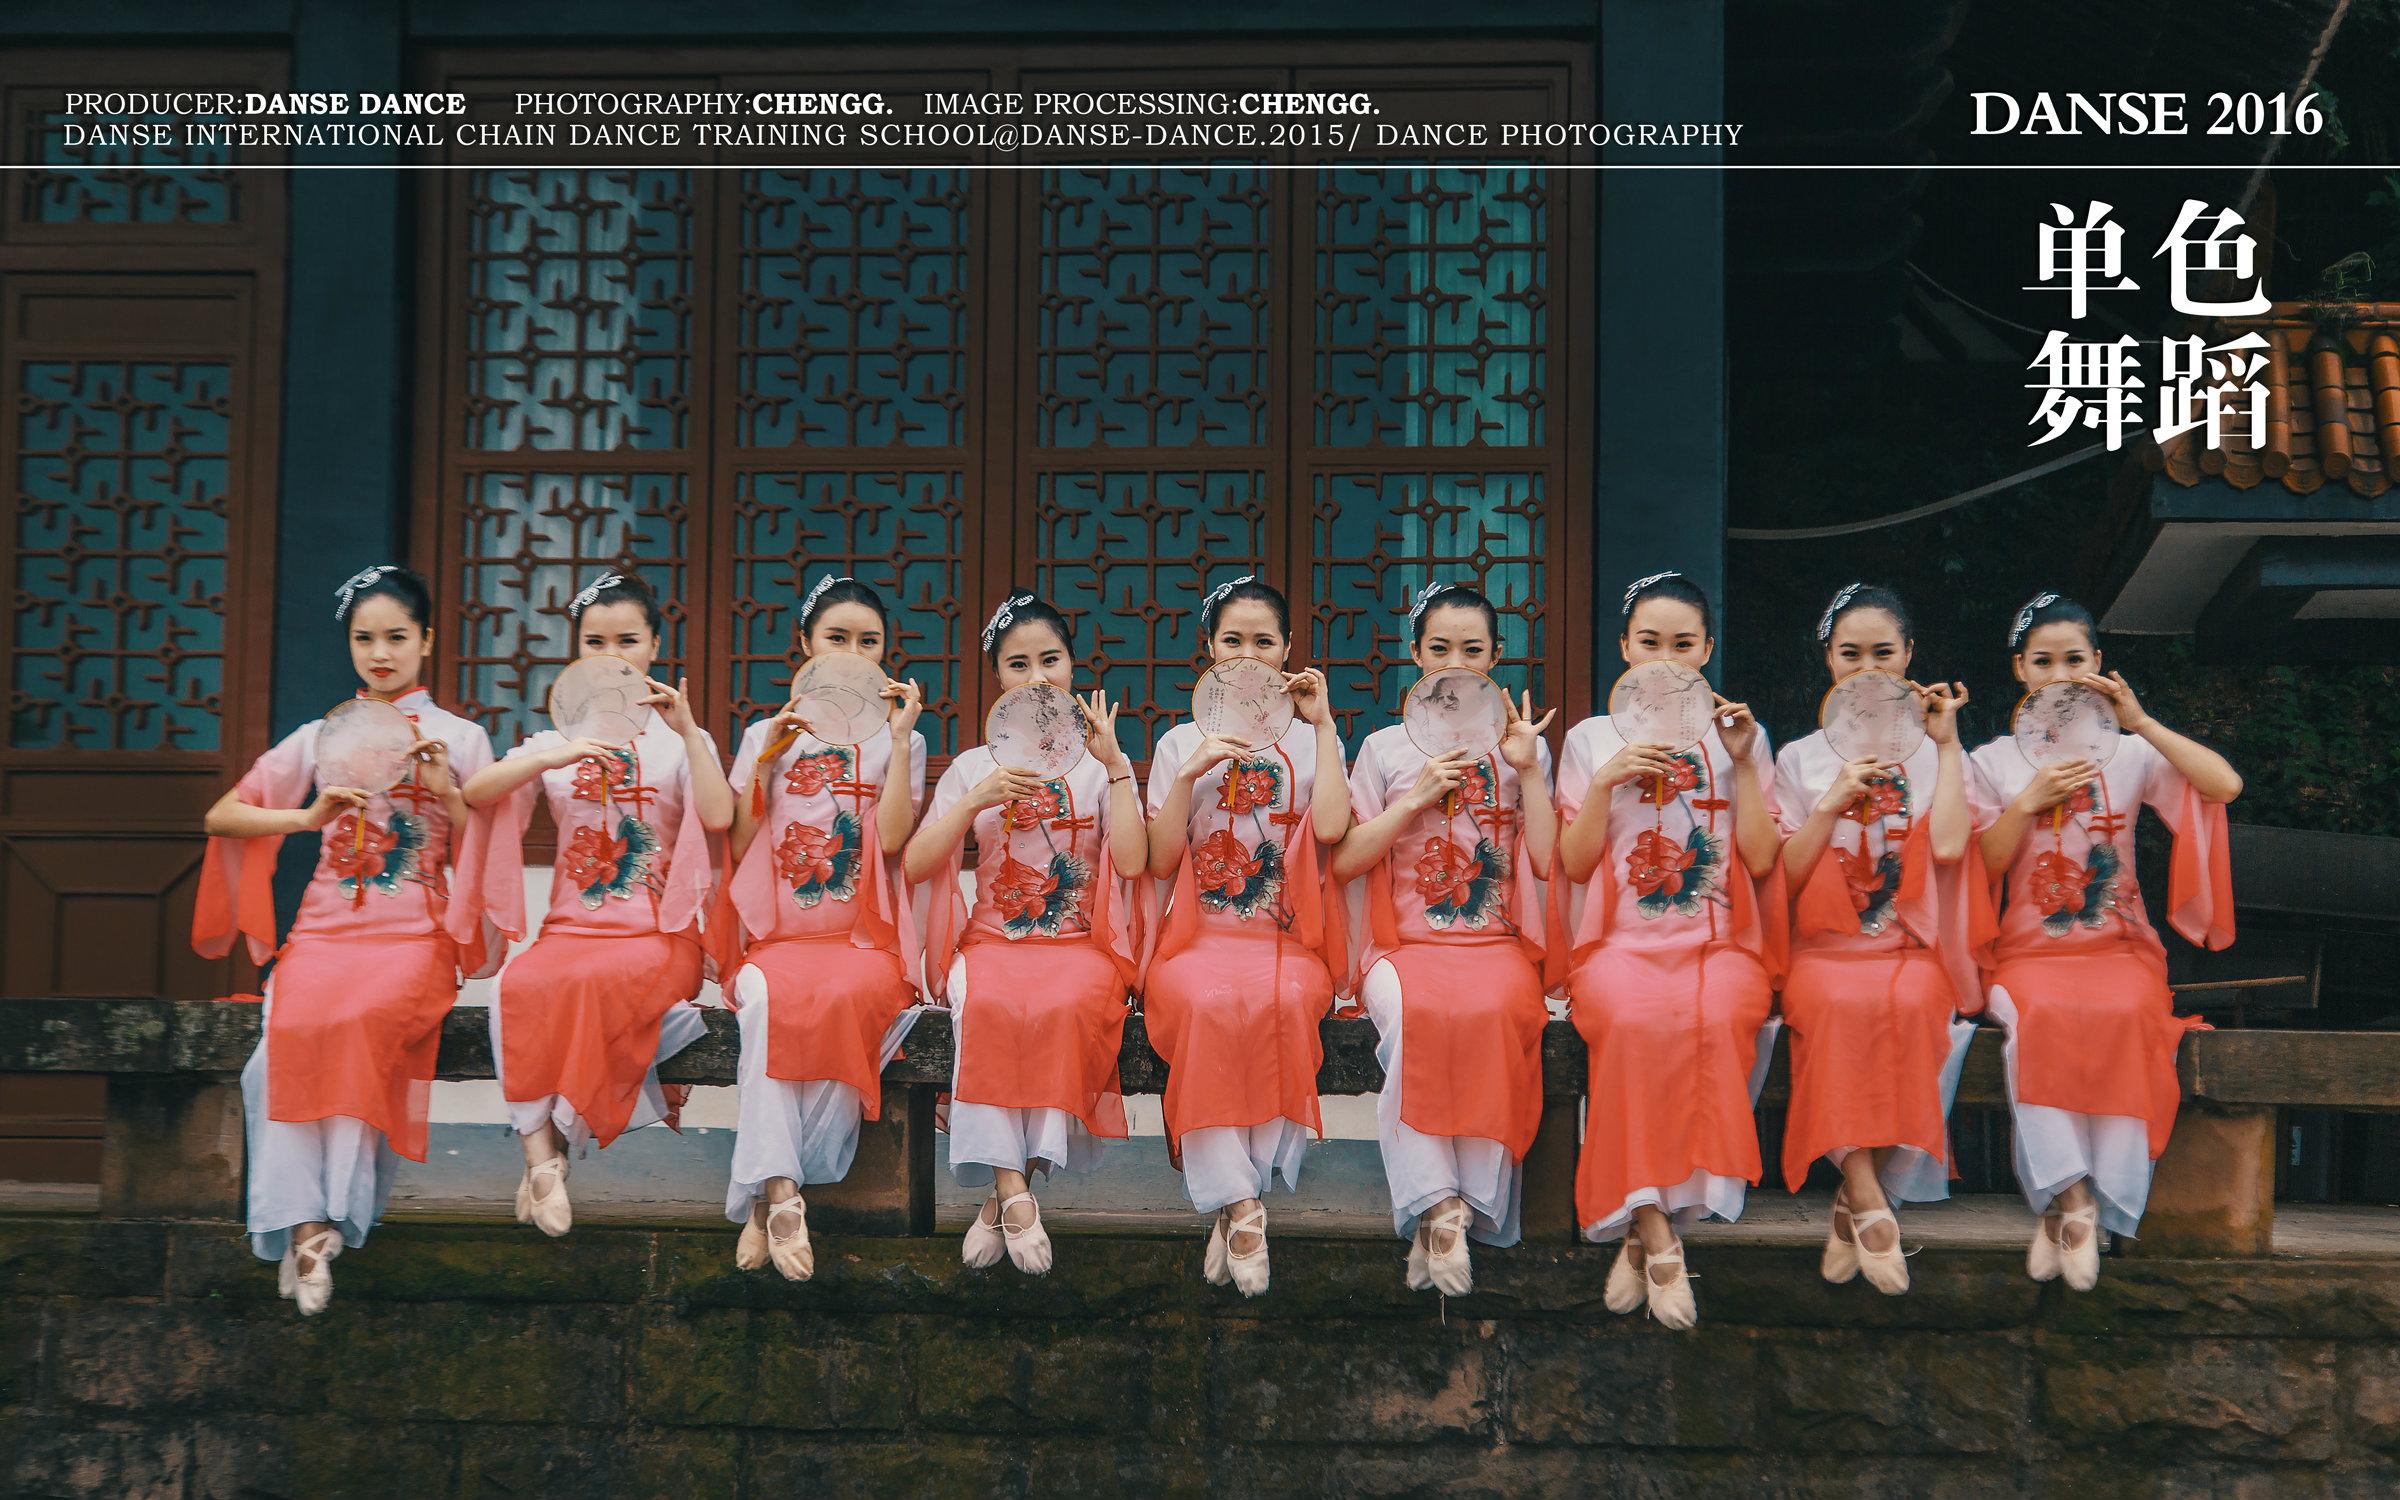 【单色舞蹈】中国舞零基础教练班两个月成品舞《悠悠楚韵》